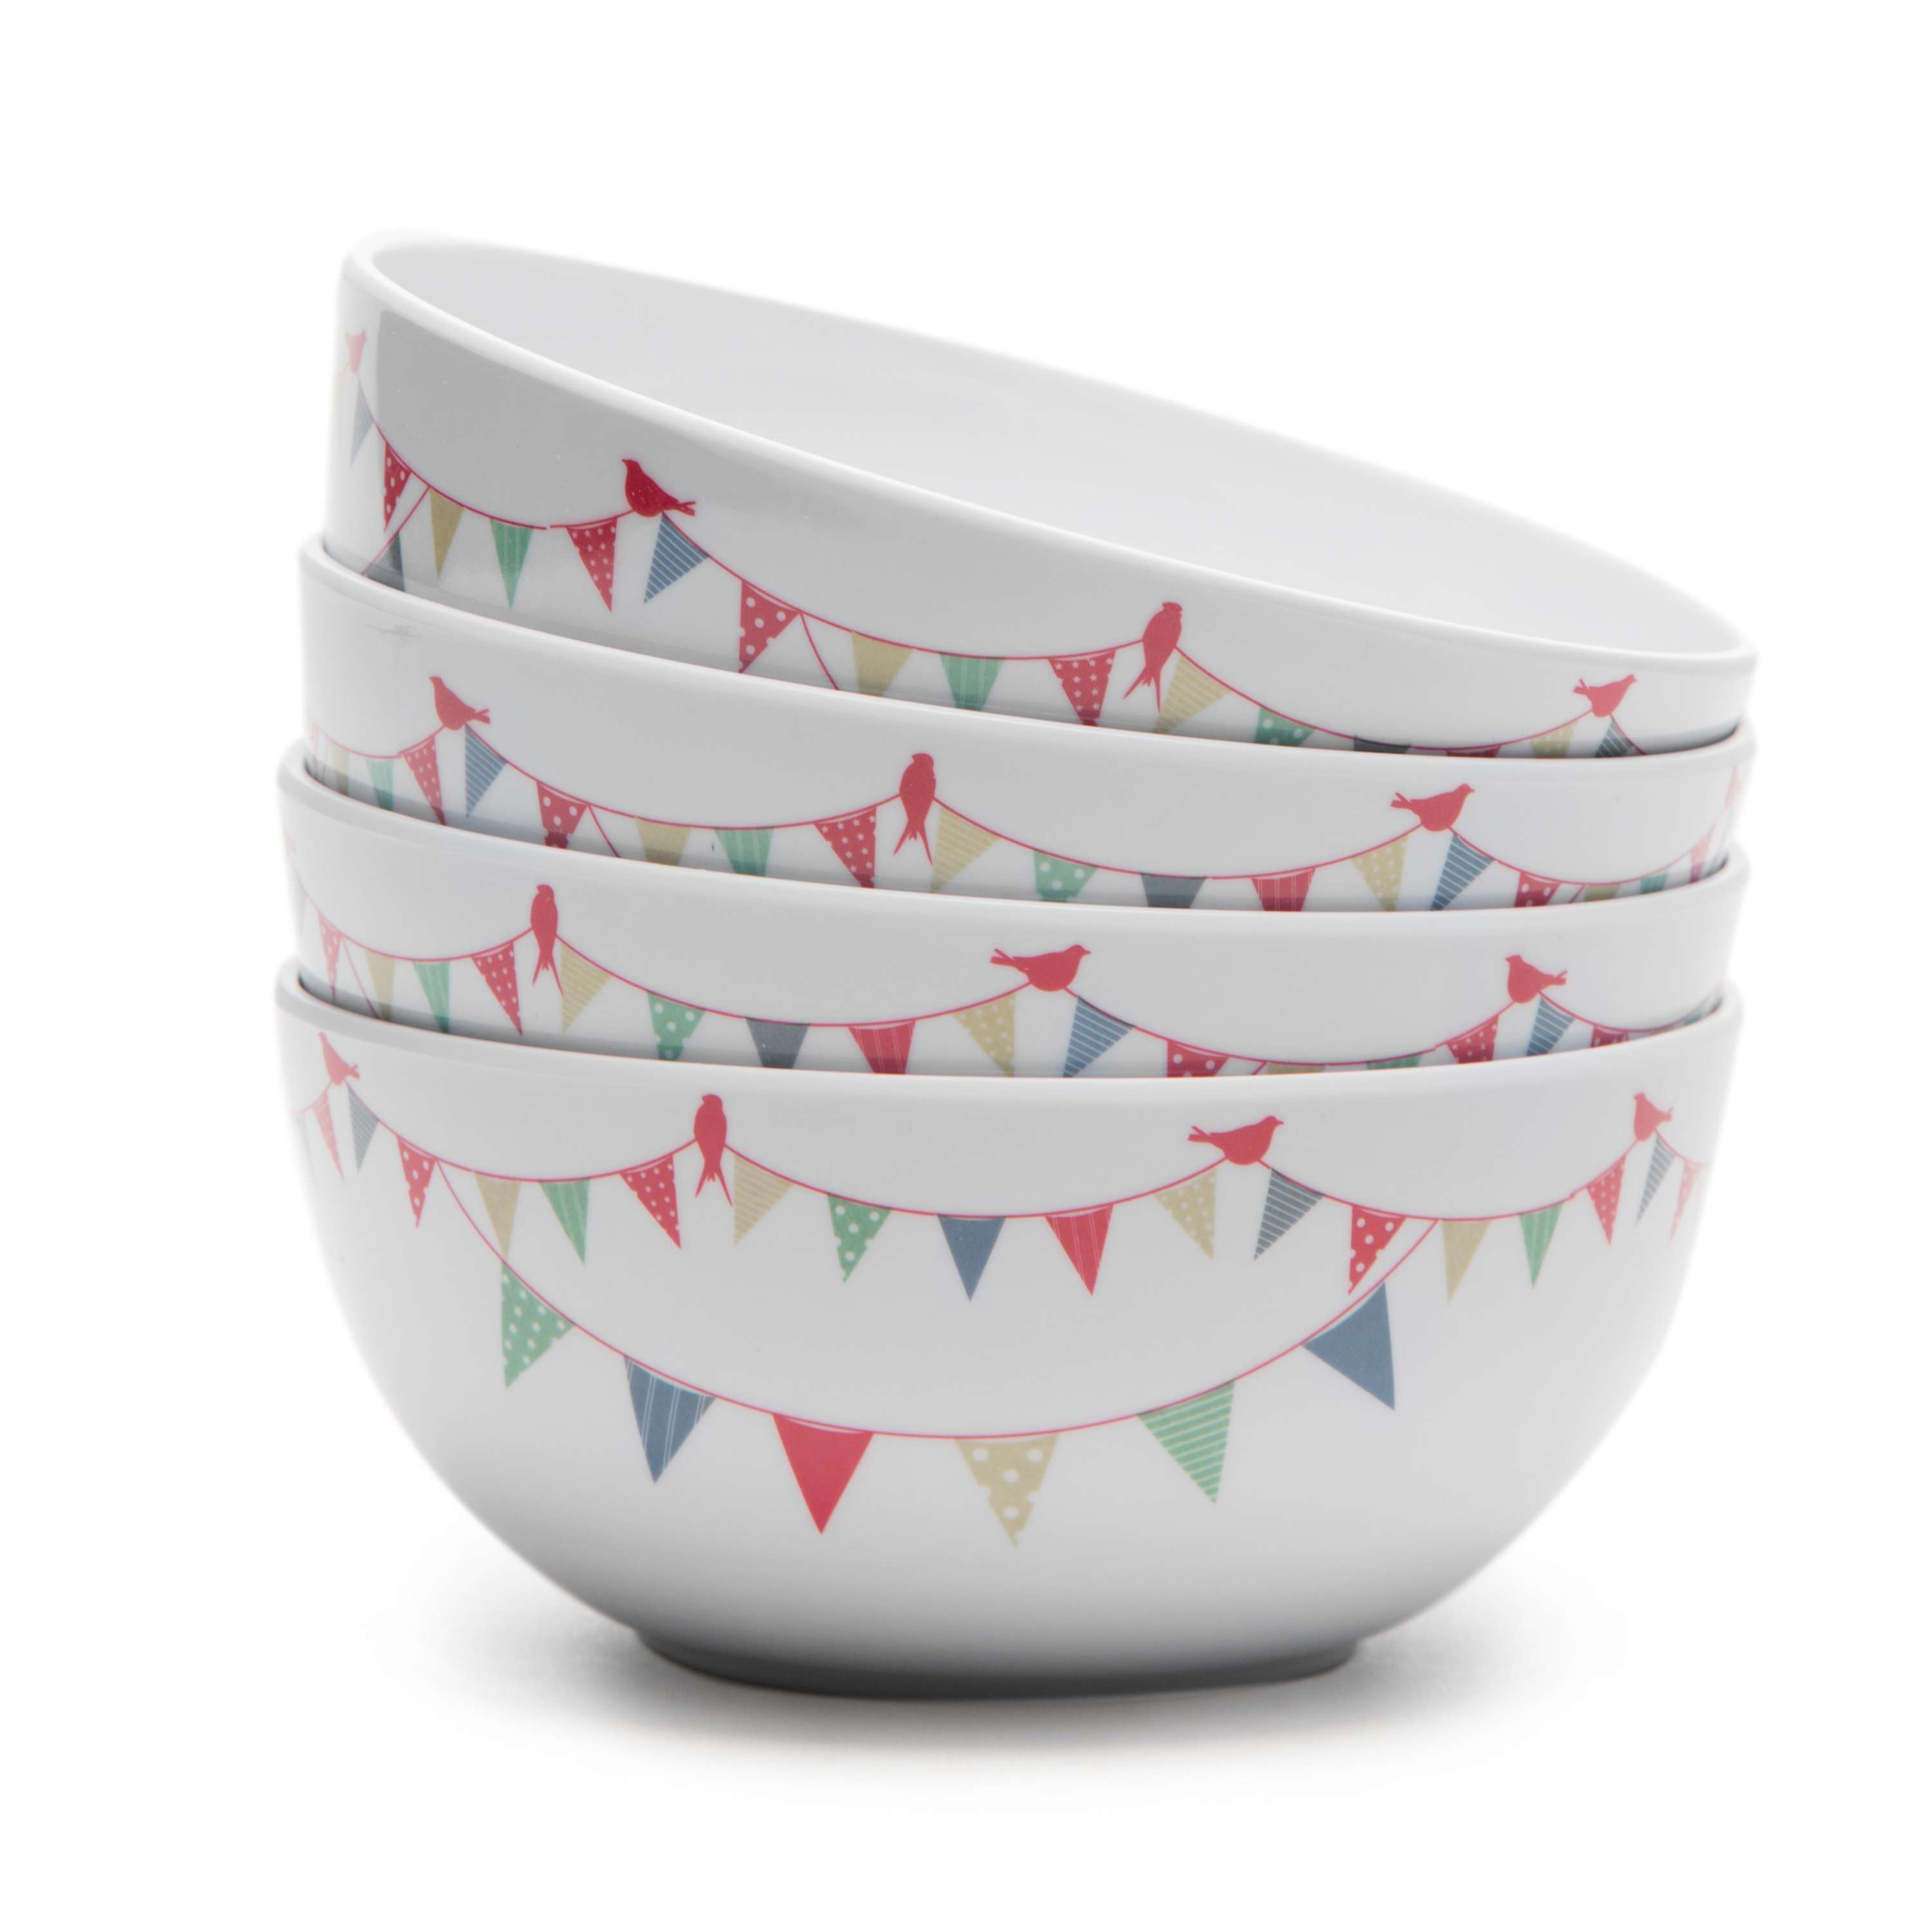 EUROHIKE Bowls Set of Four